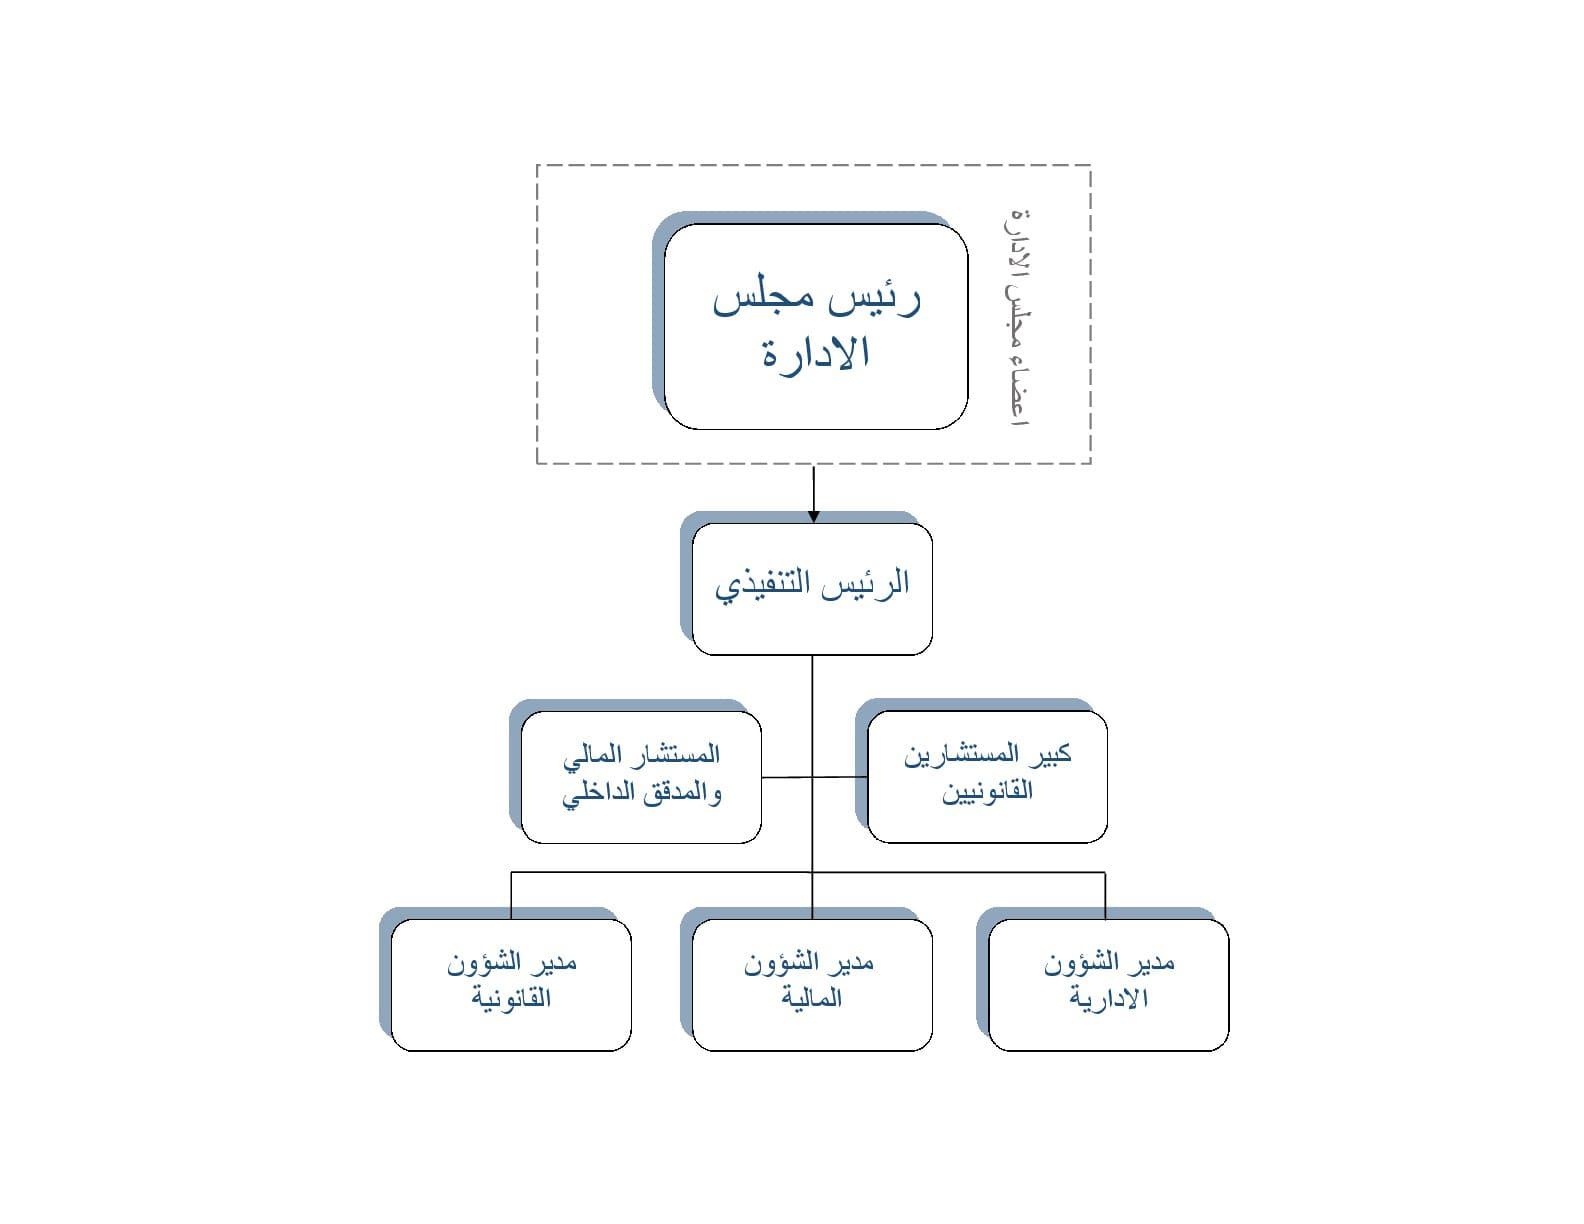 الهيكل التنظيمى للشركة